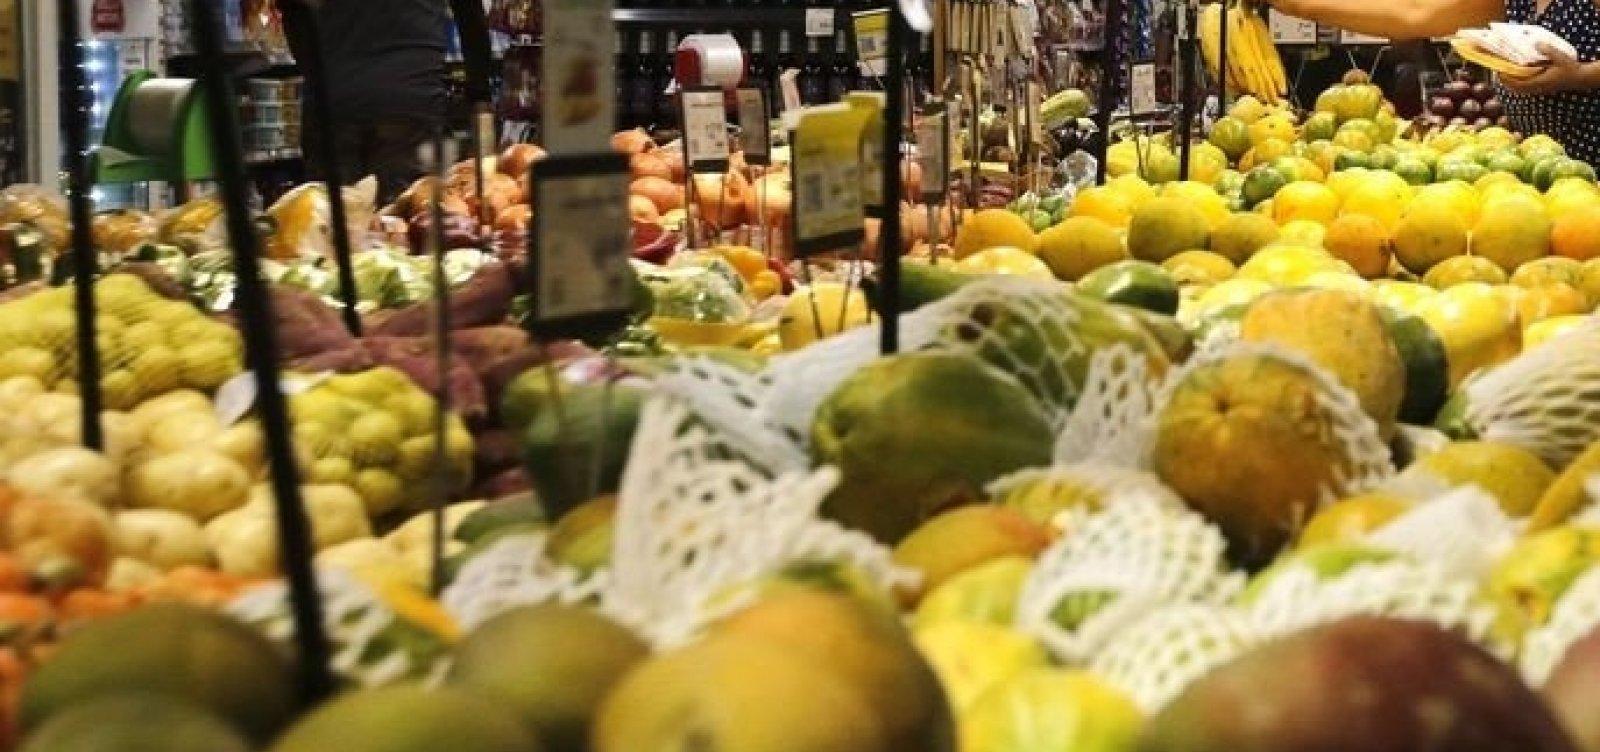 Após revelação sobre gastos com alimentos pelo governo, Portal da Transparência fica fora do ar